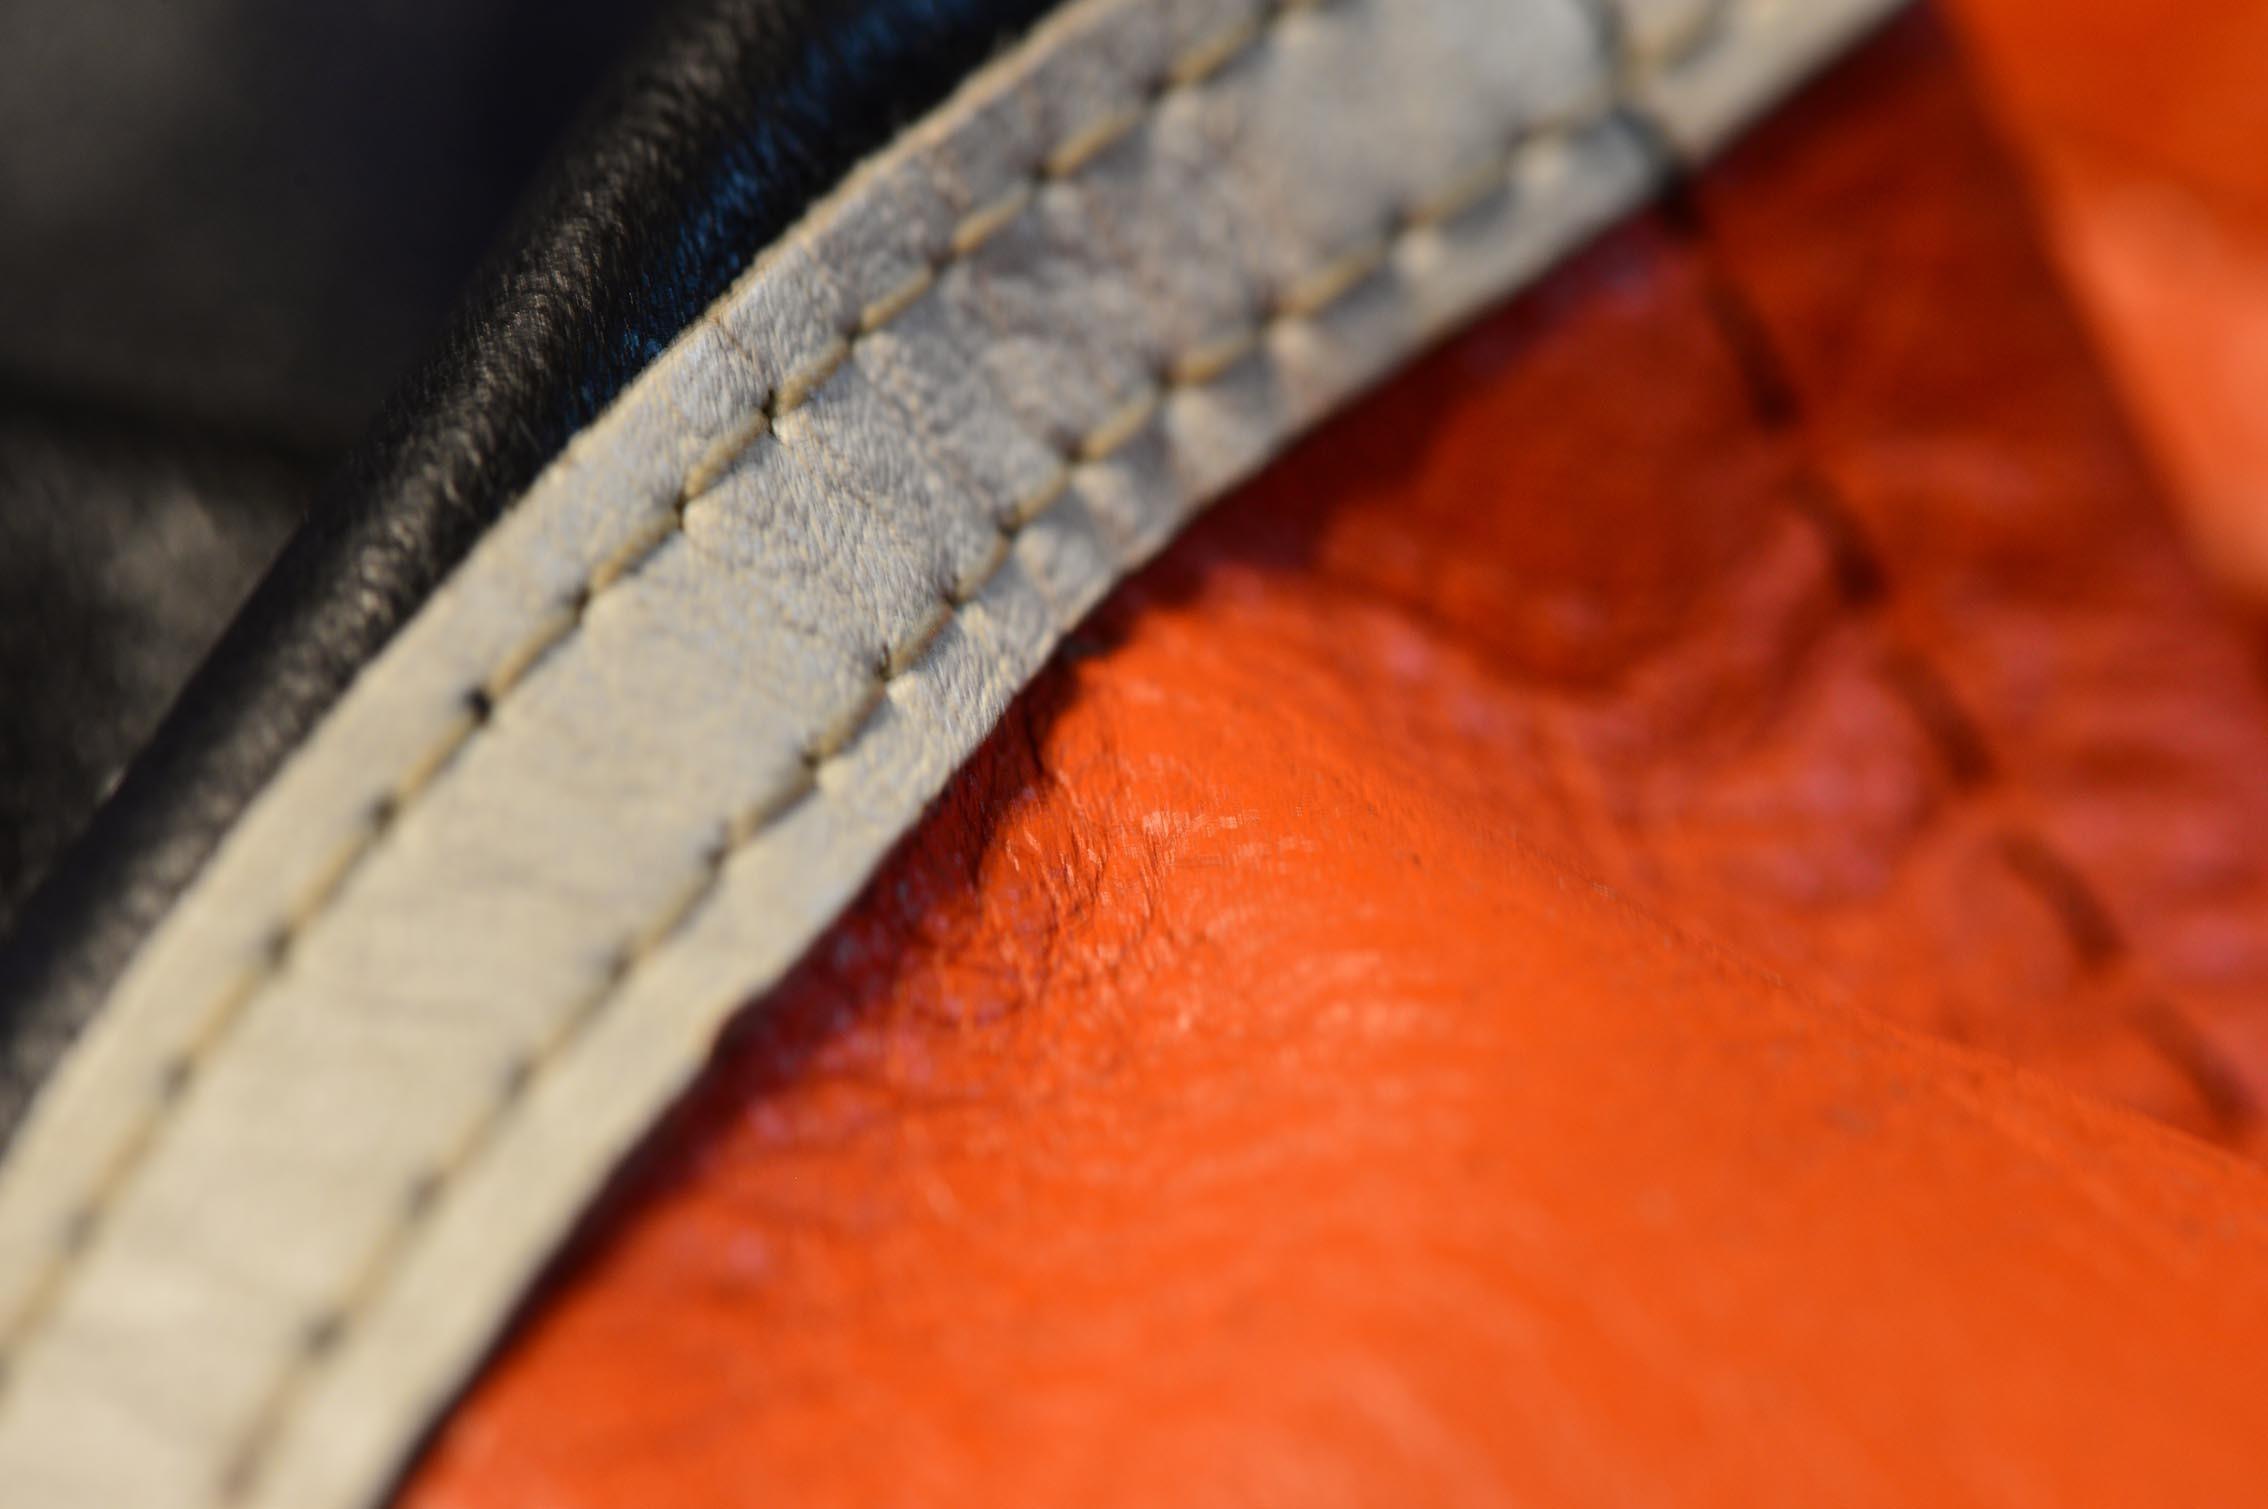 ジャケット皮革考察5  バンソン ライダース カウハイド/ハーレーカラー_b0310424_11422121.jpg